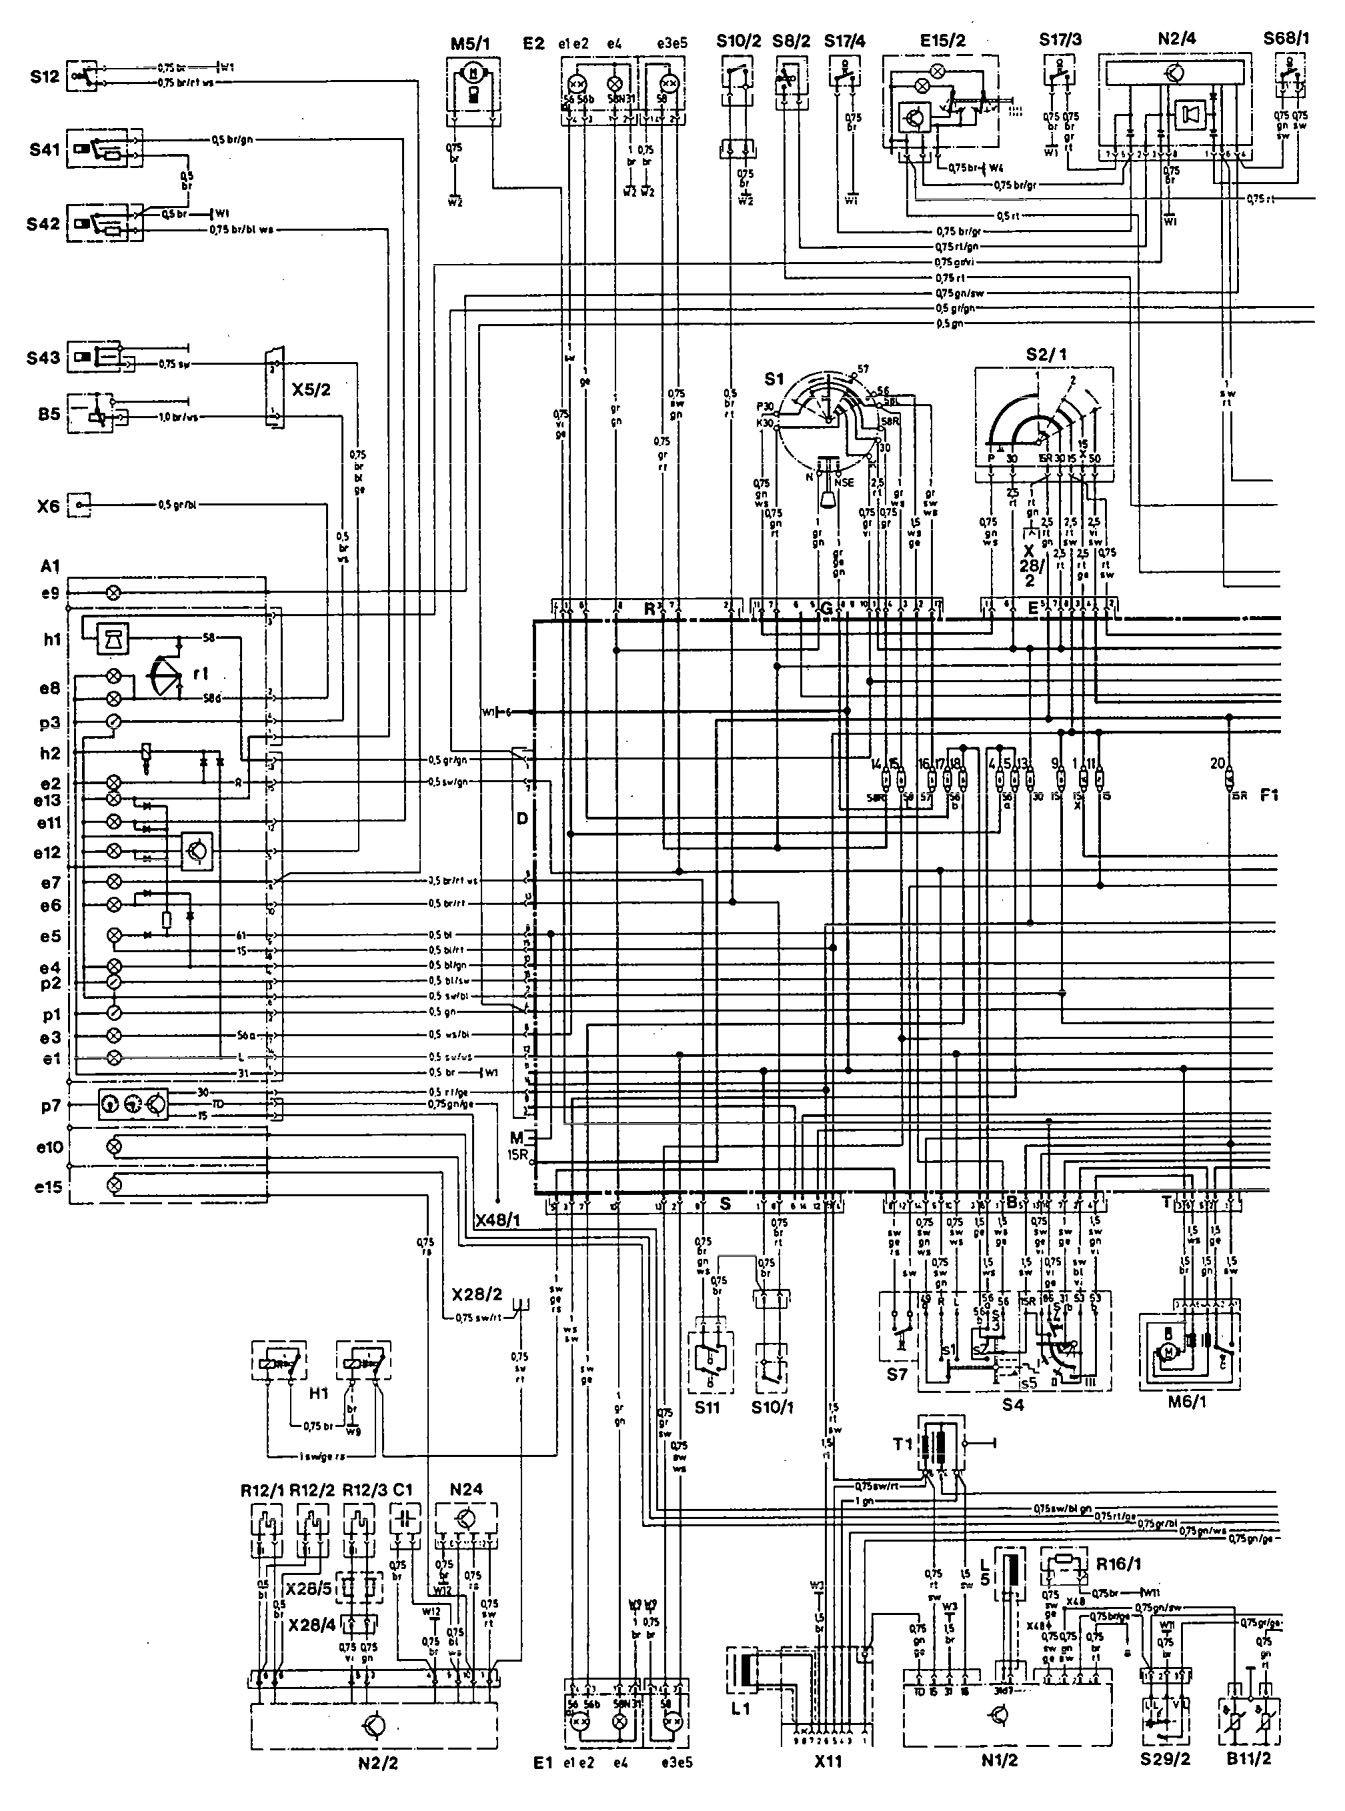 mercedes-benz 190e  1993  - wiring diagrams